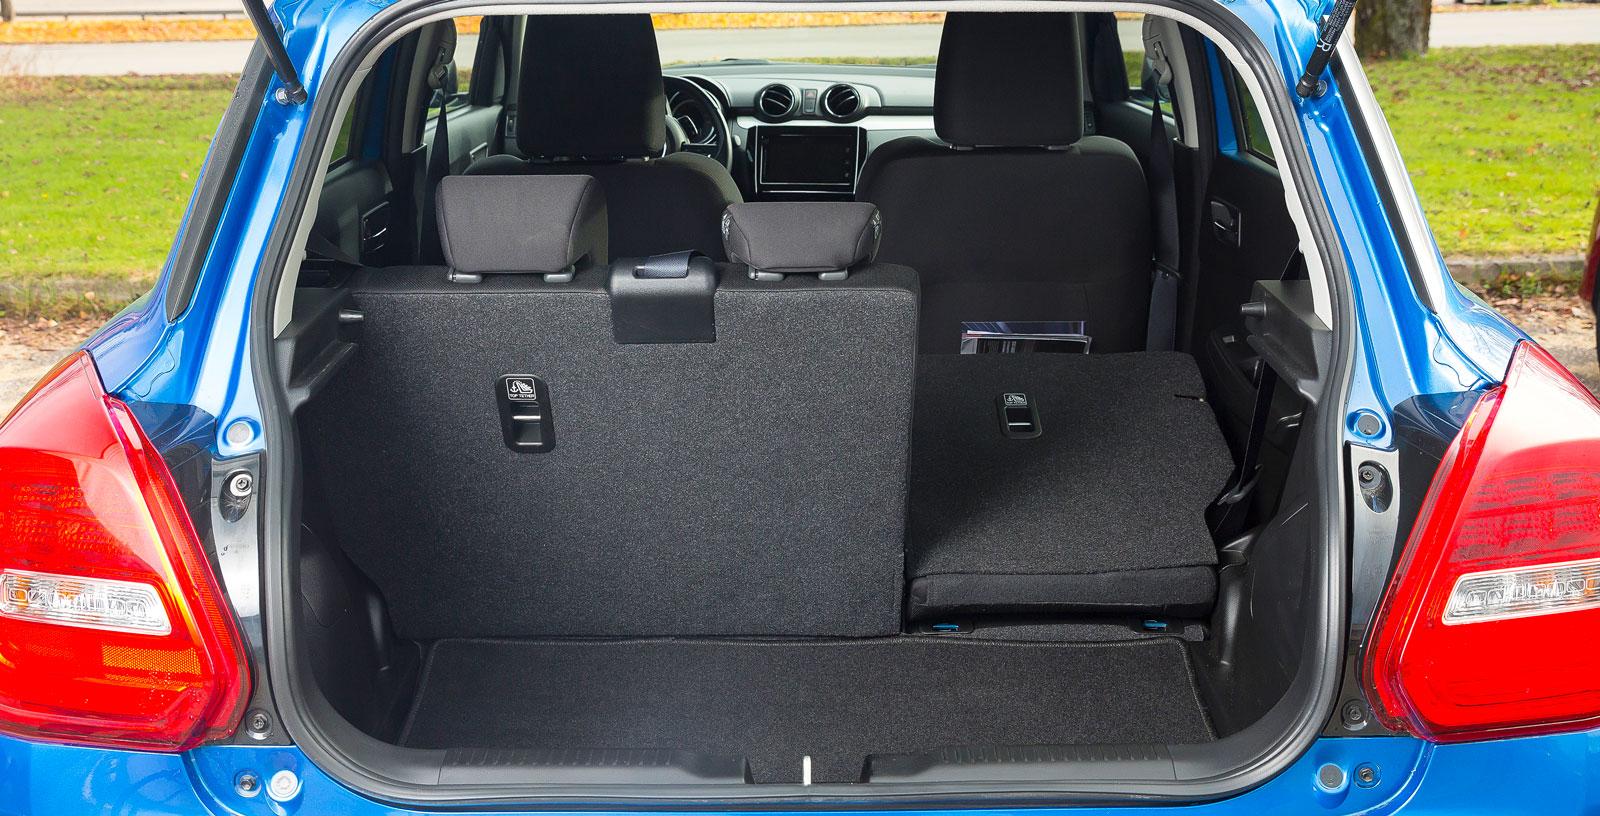 Suzukin är testets smartast disponerade bil. Trots att den är 20 cm kortare än Fiesta rymmer Swift fler drickabackar när vi testar den praktiska lastslukarförmågan. Ryggstödet är delbart i förhållandet 60/40 och en lampa finns i lastutrymmet. Men såväl kasskrokar som fack för småprylar saknas.